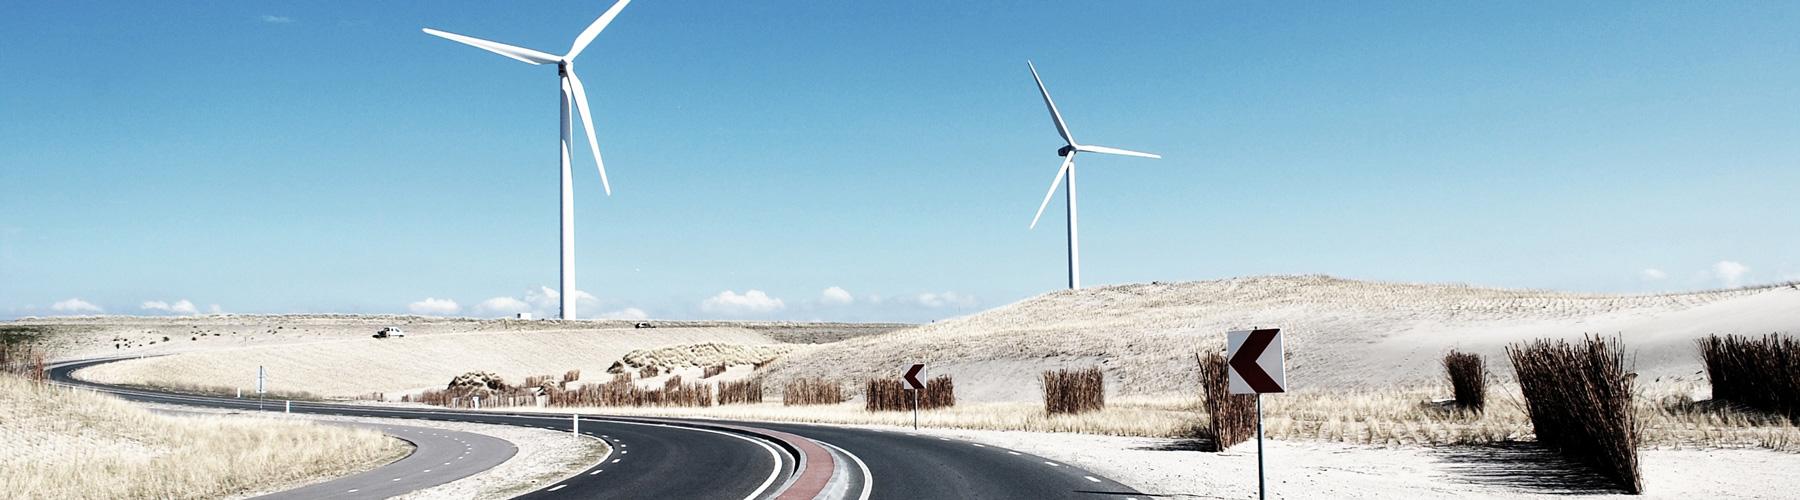 Road_Turbines_Andrea_Boldizsar_1800x500